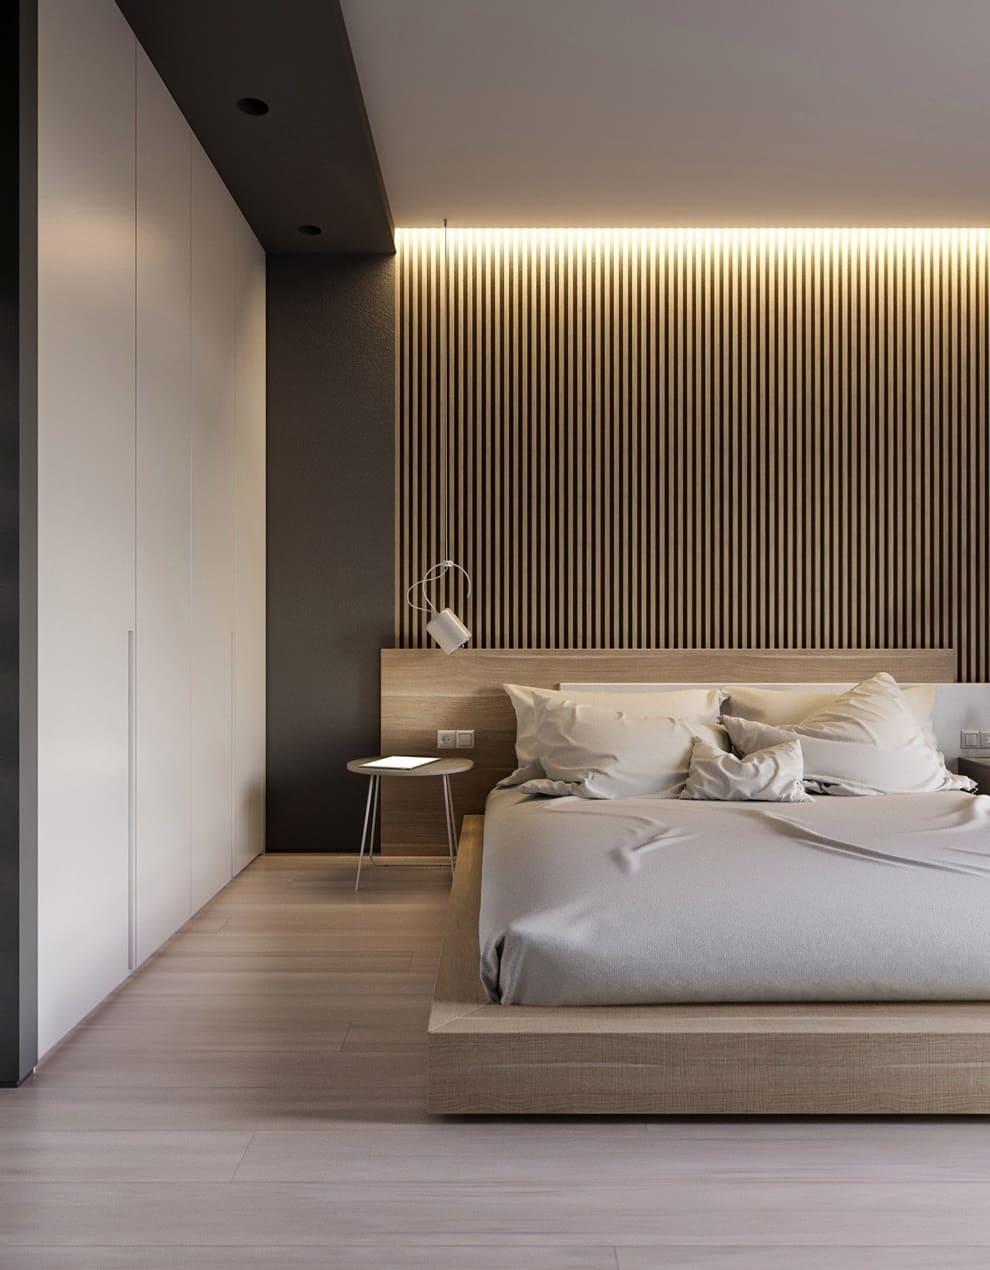 обнаружили спальни в стиле минимализм фото посредством интернета она